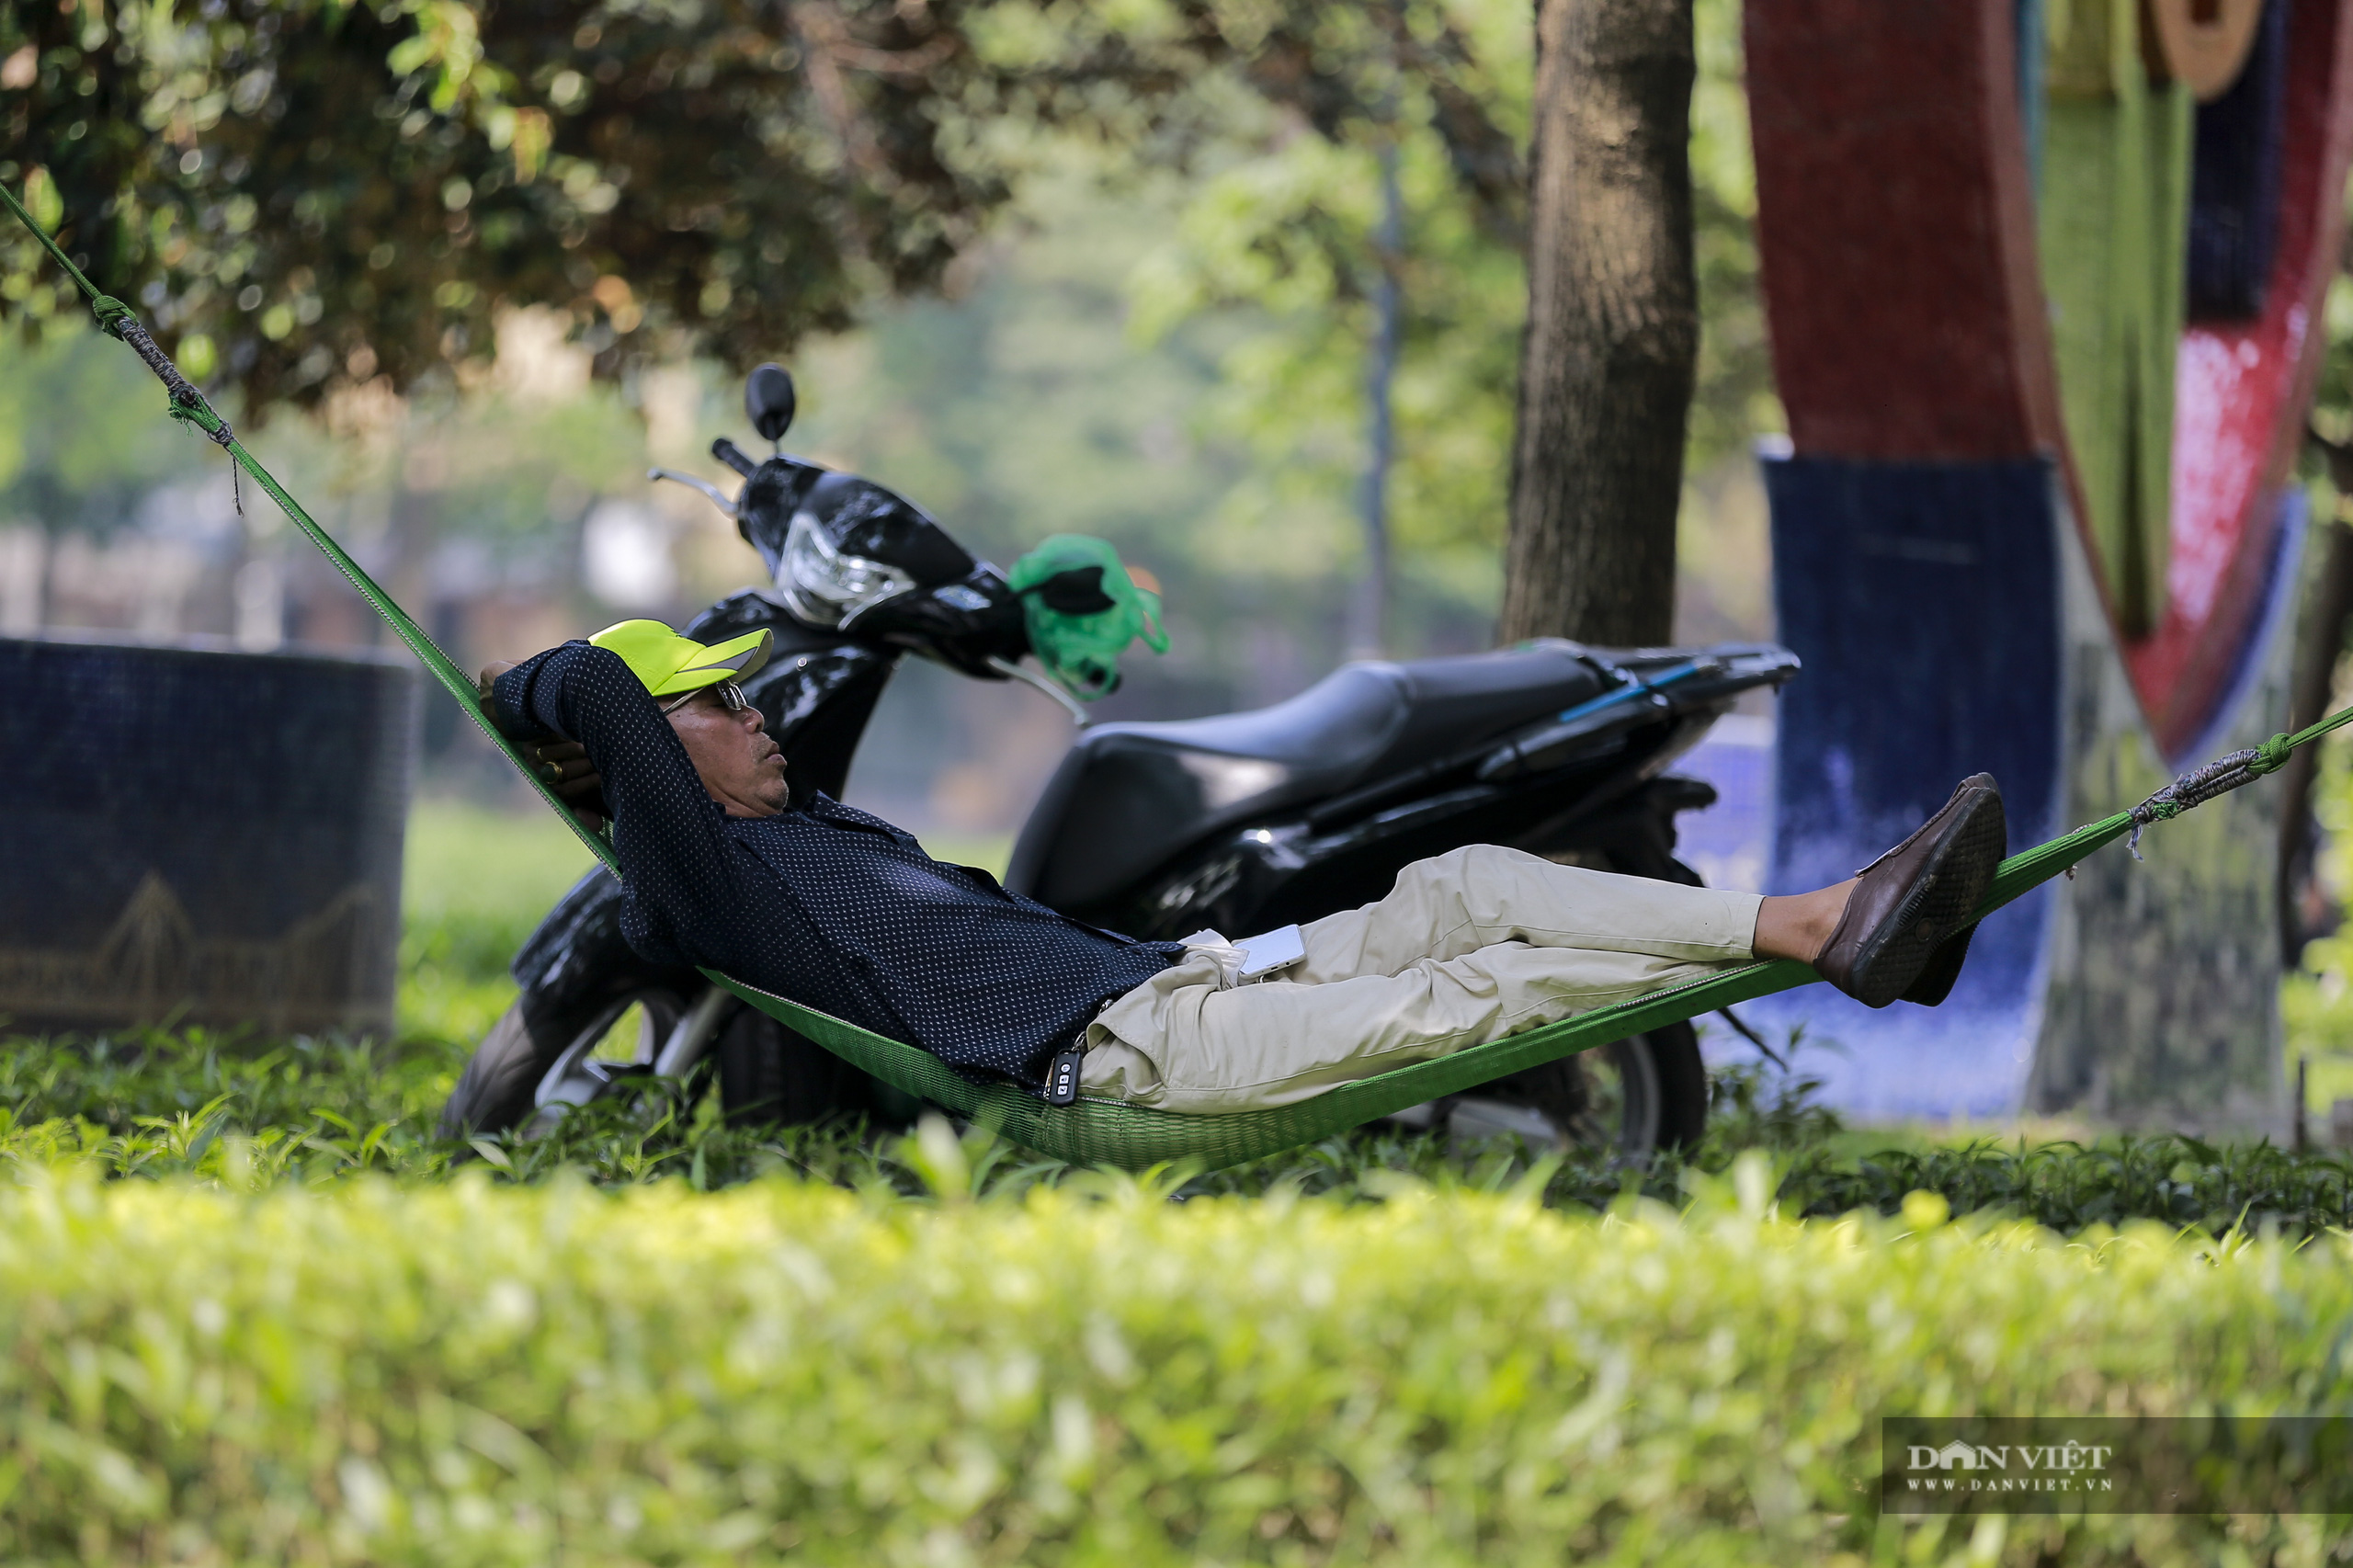 Hà Nội nắng nóng gần 40 độ C, phụ nữ lái ô tô với trang phục kín mít - Ảnh 10.